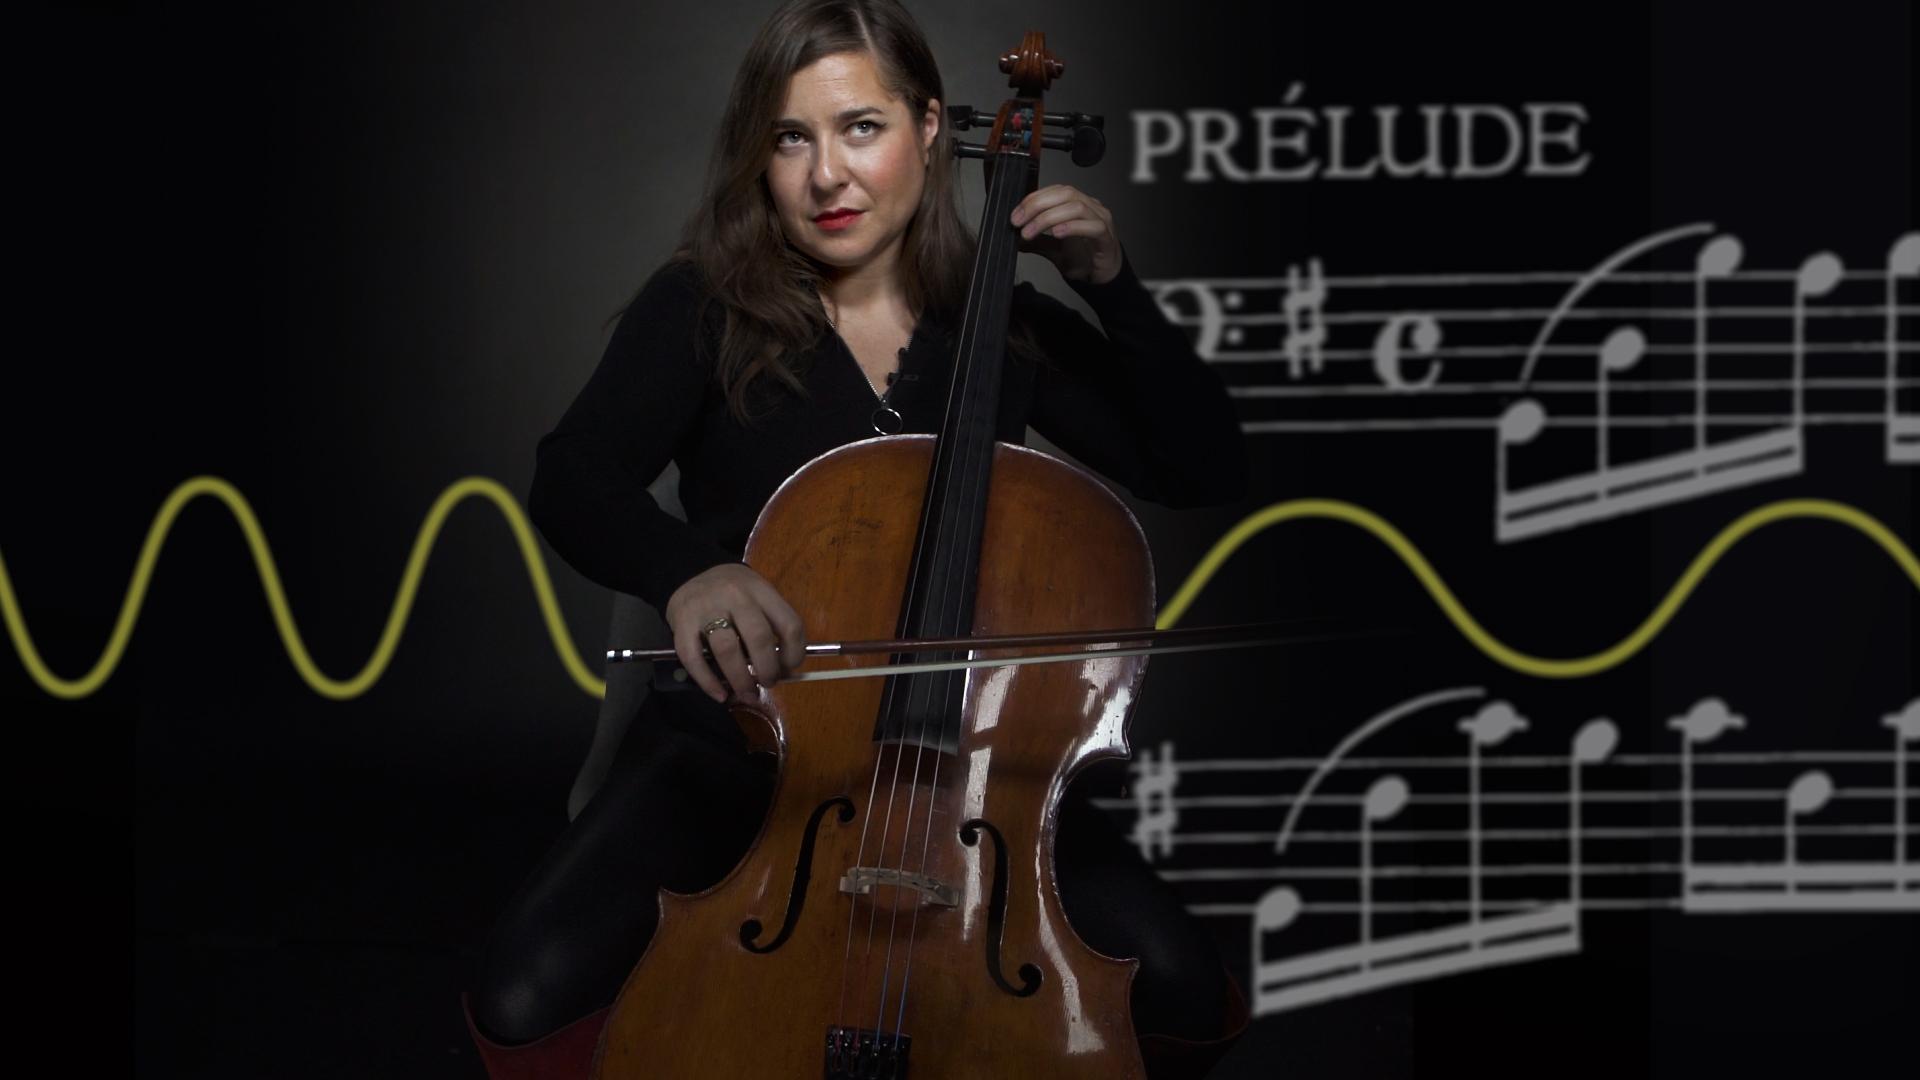 Alisa Weilerstein plays the cello